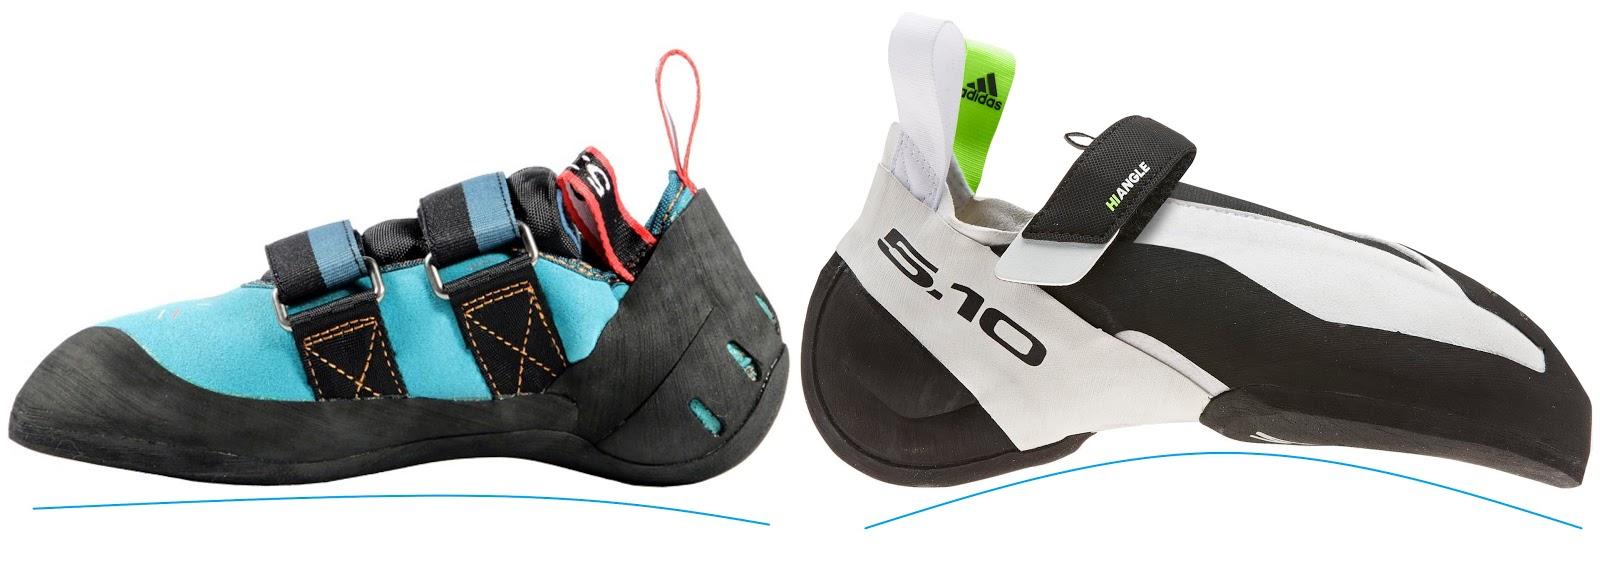 5.10 tırmanış ayakkabısı aşağı bükümlü kalıp